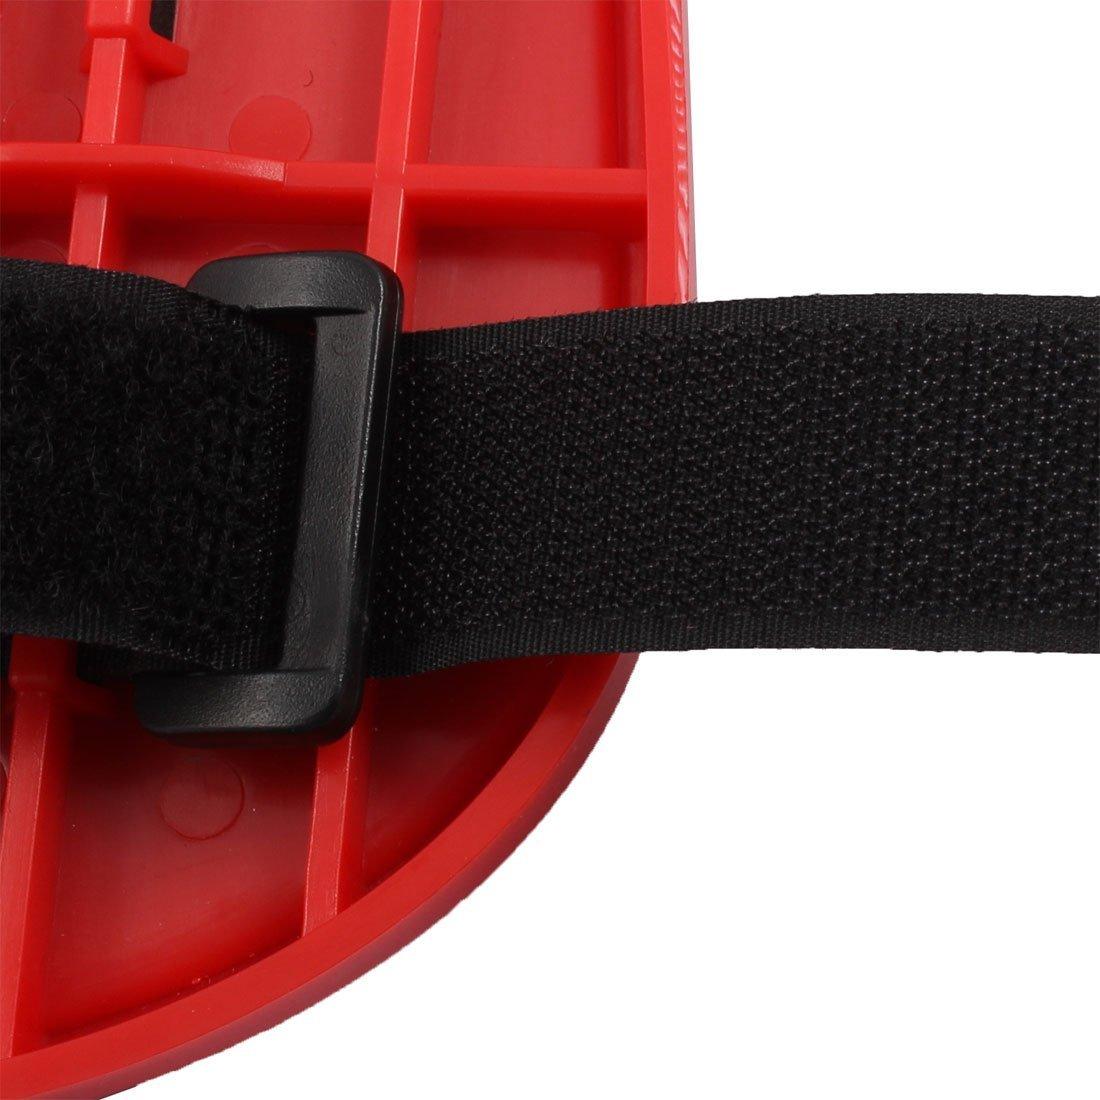 Amazon.com : eDealMax de escritorio Ajustable Silla Extender brazo Doble finalidad del ordenador alfombrilla de ratón Soporte de paletas Negro Rojo : Office ...